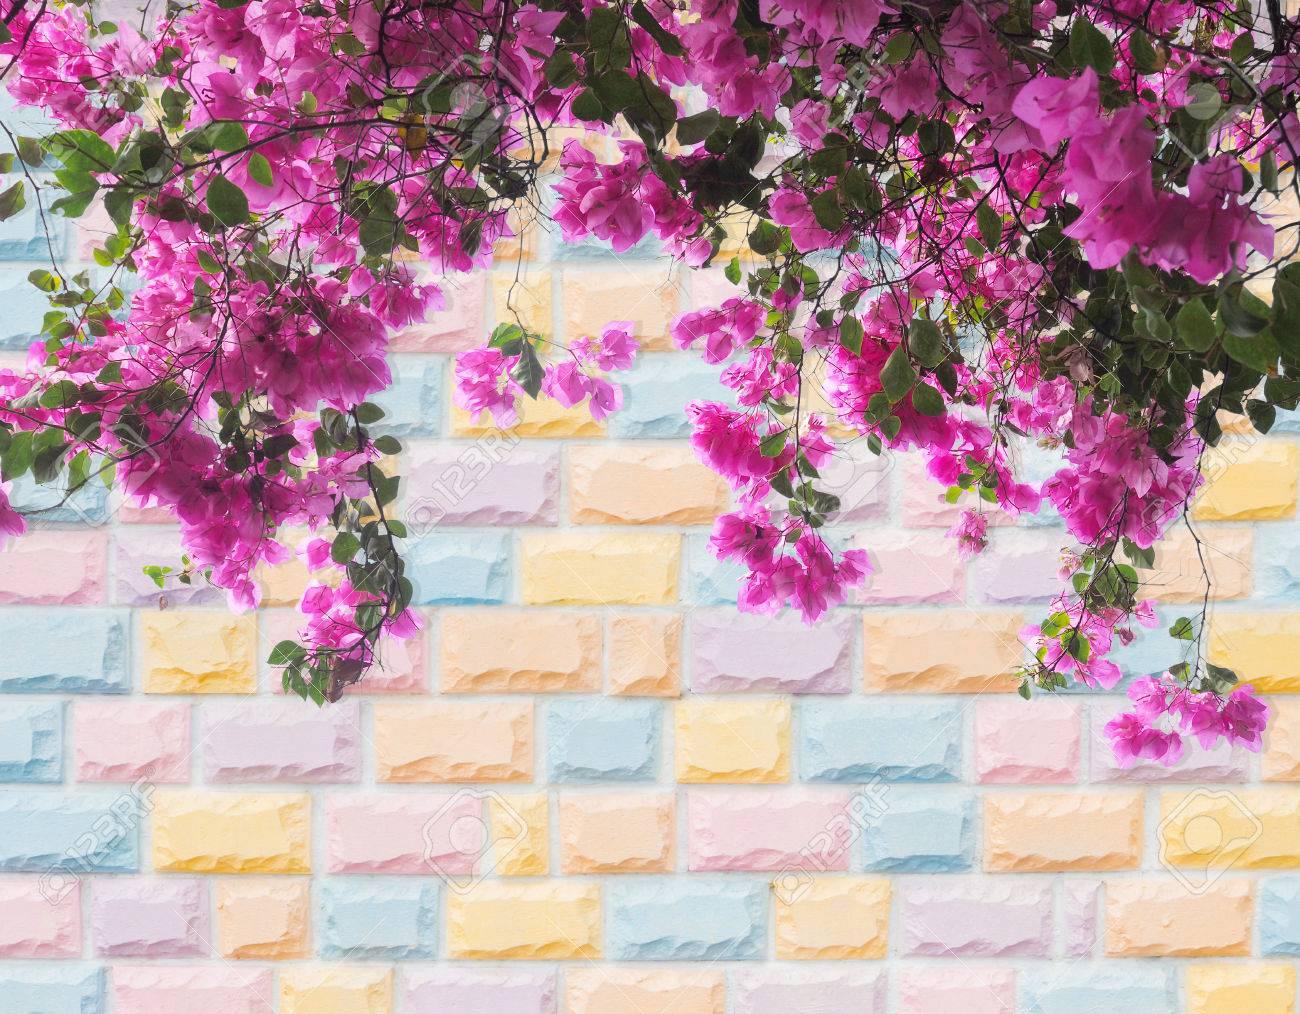 fleur bougainvillier rose sur pastel coloré mur de briques de fond